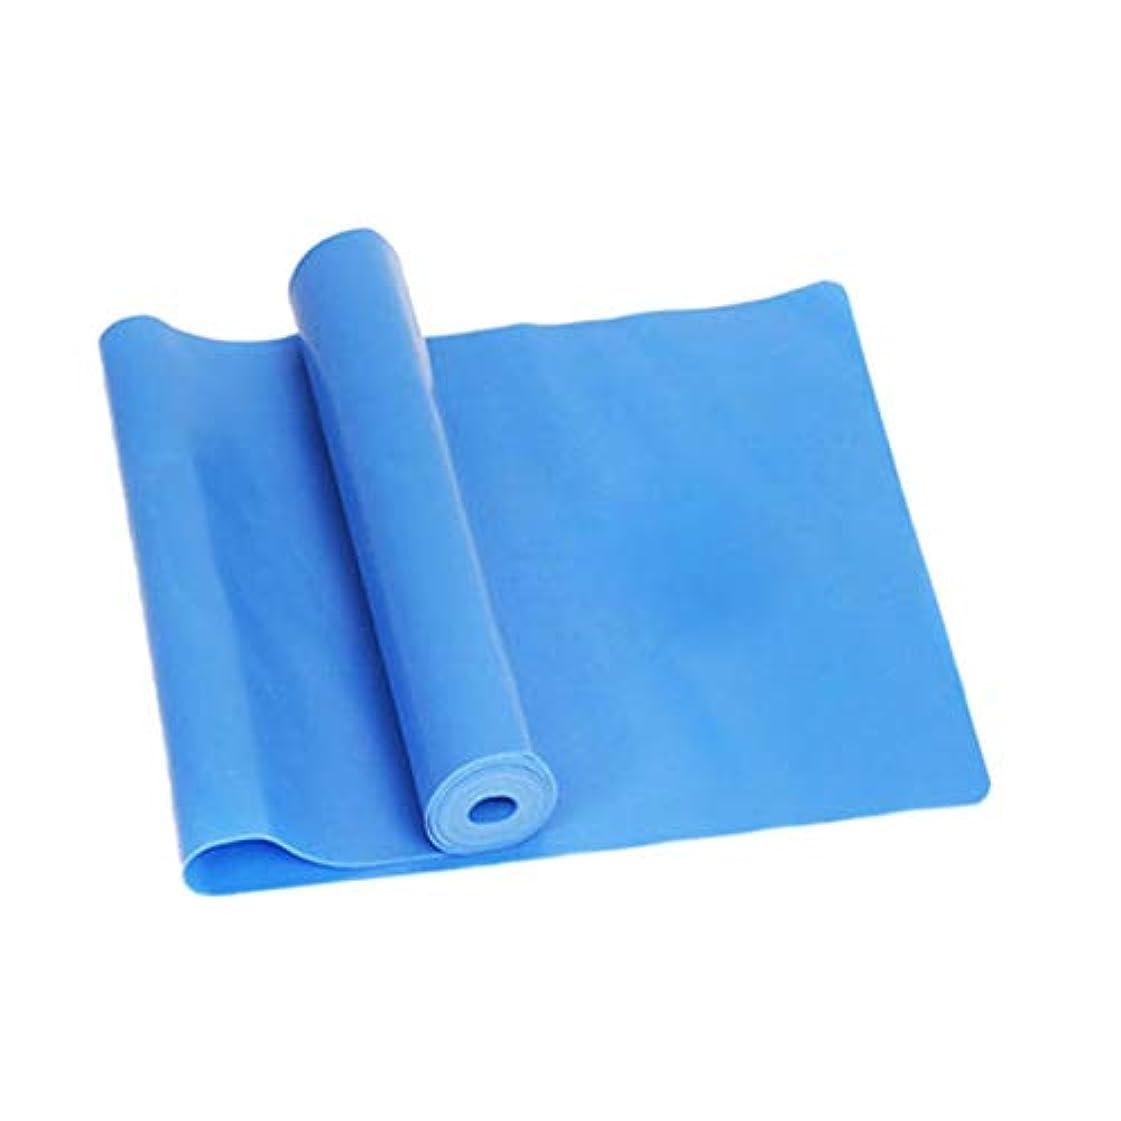 袋雪だるまを作るだますスポーツジムフィットネスヨガ用品筋力トレーニング弾性抵抗バンドトレーニングヨガゴムループスポーツピラテスバンド - ブルー